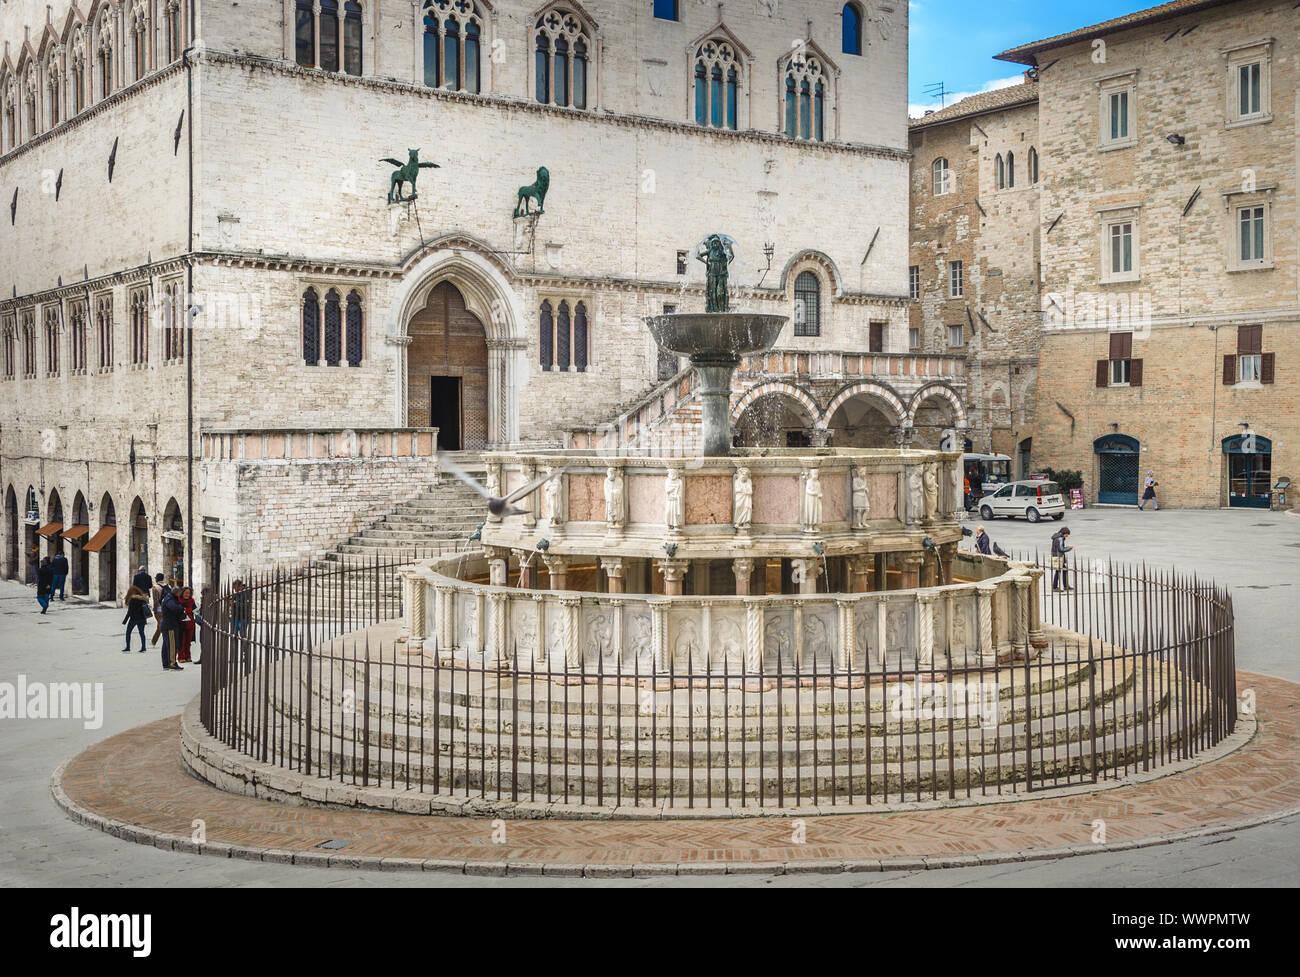 Fontana Maggiore on Piazza IV Novembre in Perugia, Umbria, Italy Stock Photo